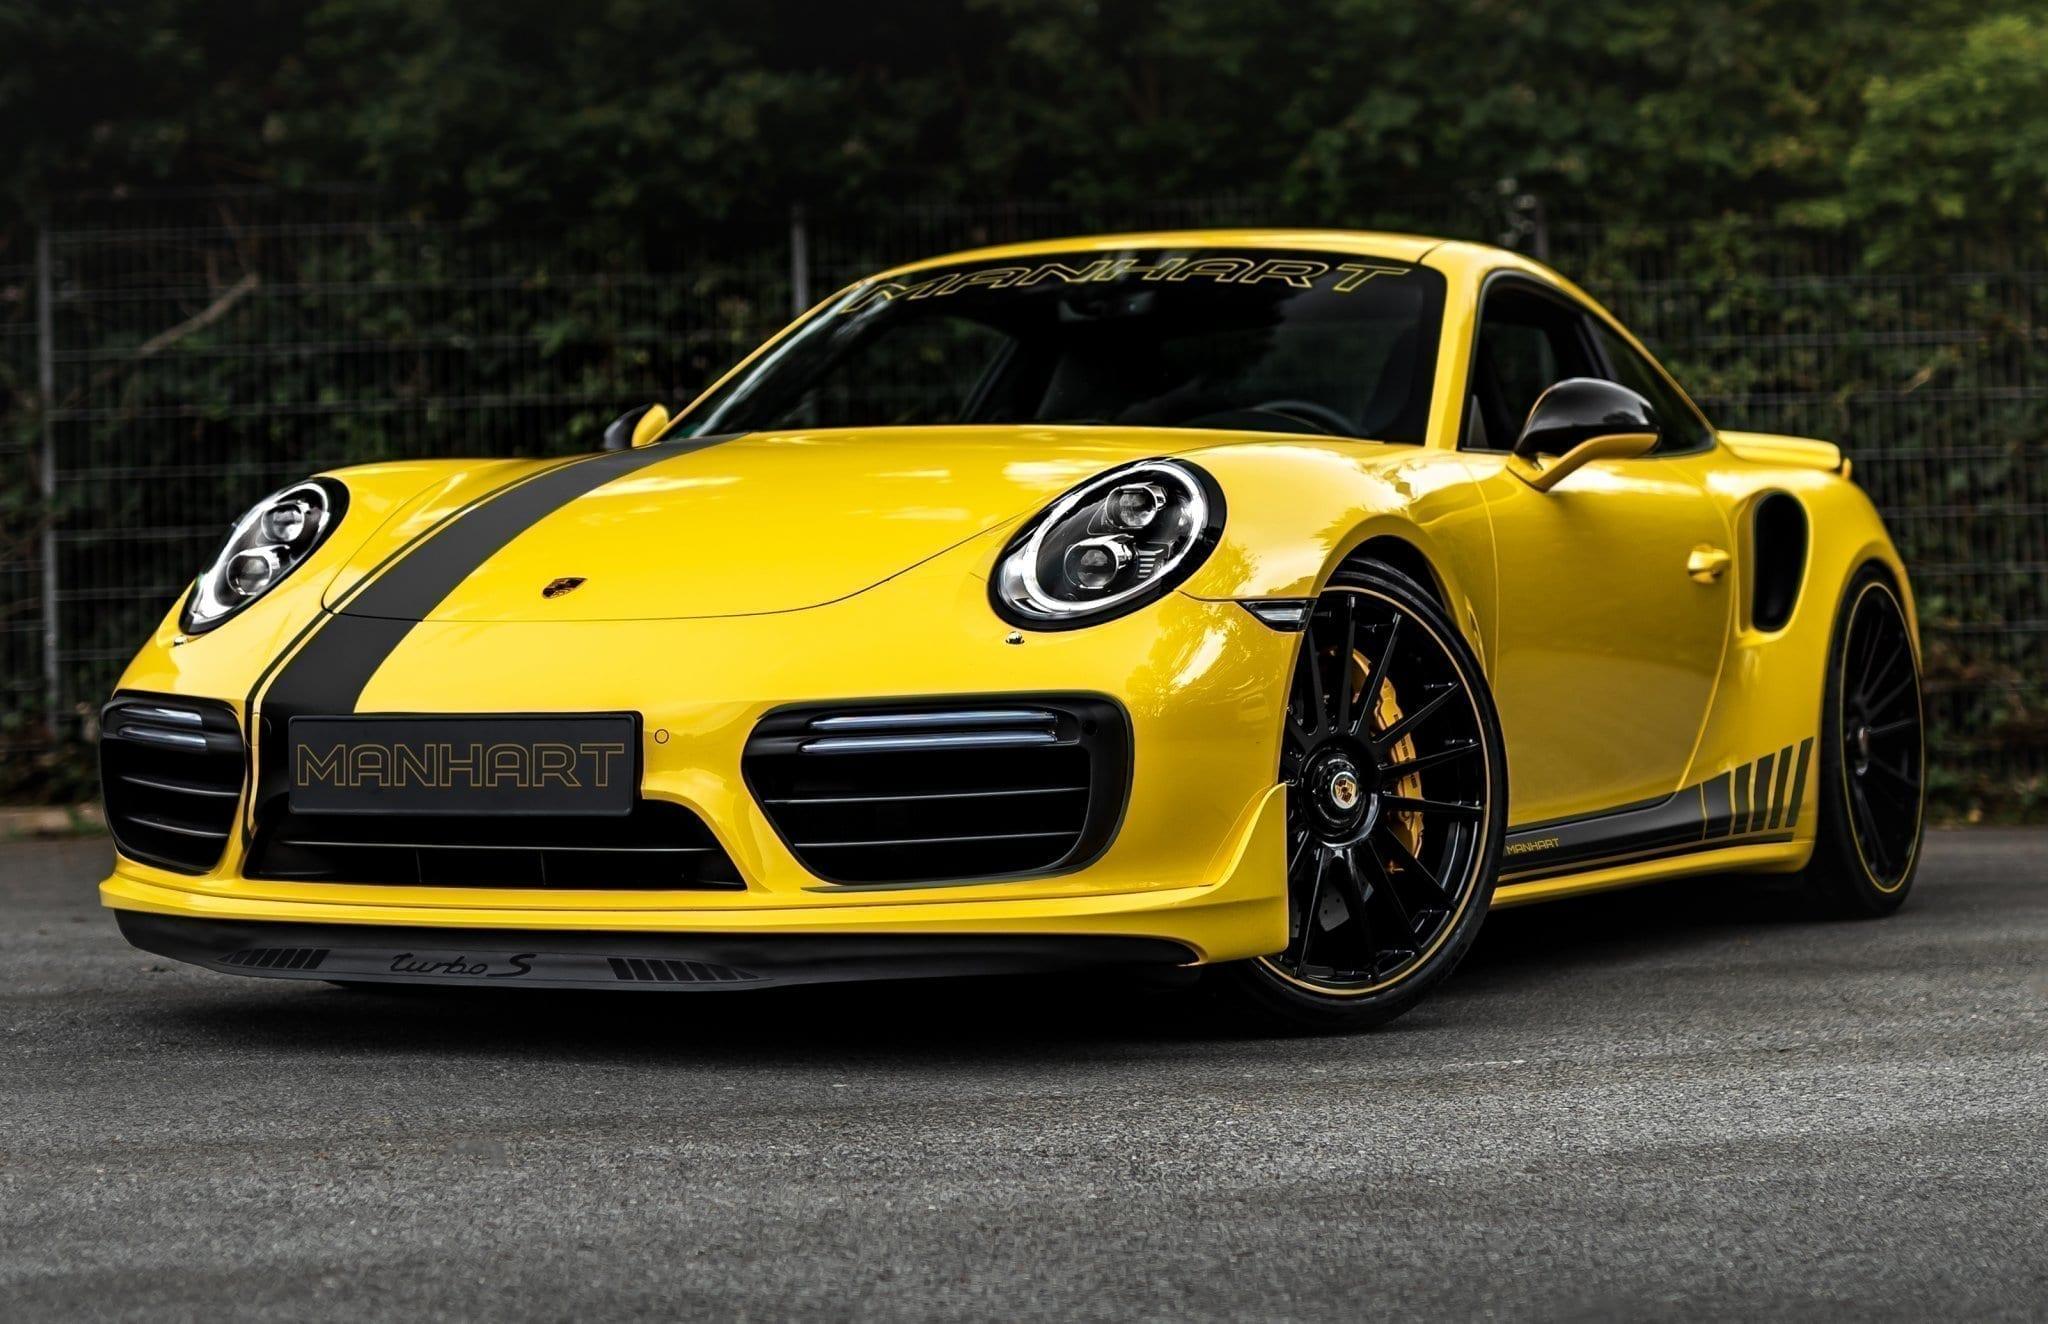 Дебют новейшего Porsche 911 Turbo S серии 992 не отбил у тюнеров интерес к прошлому поколению: Manhart Performance представил свой проект TR 850.